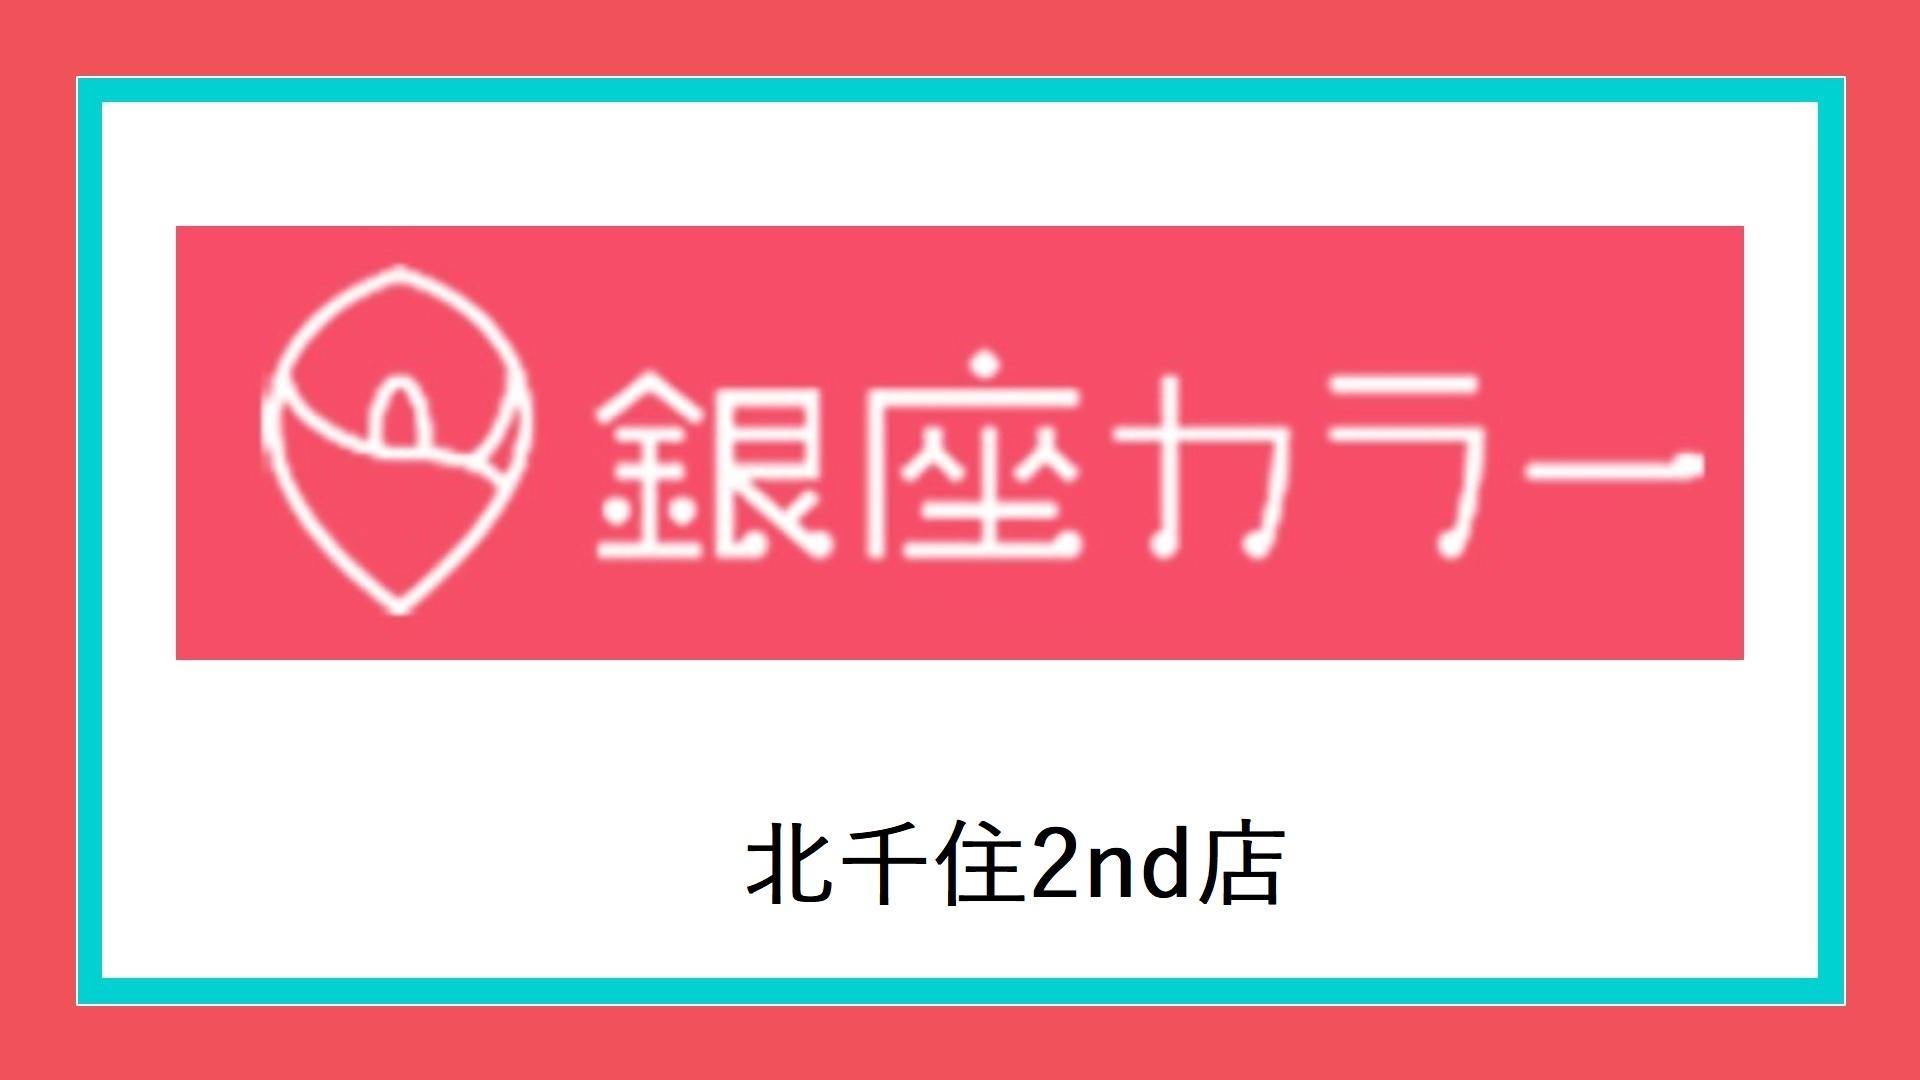 銀座カラー(北千住2nd店)